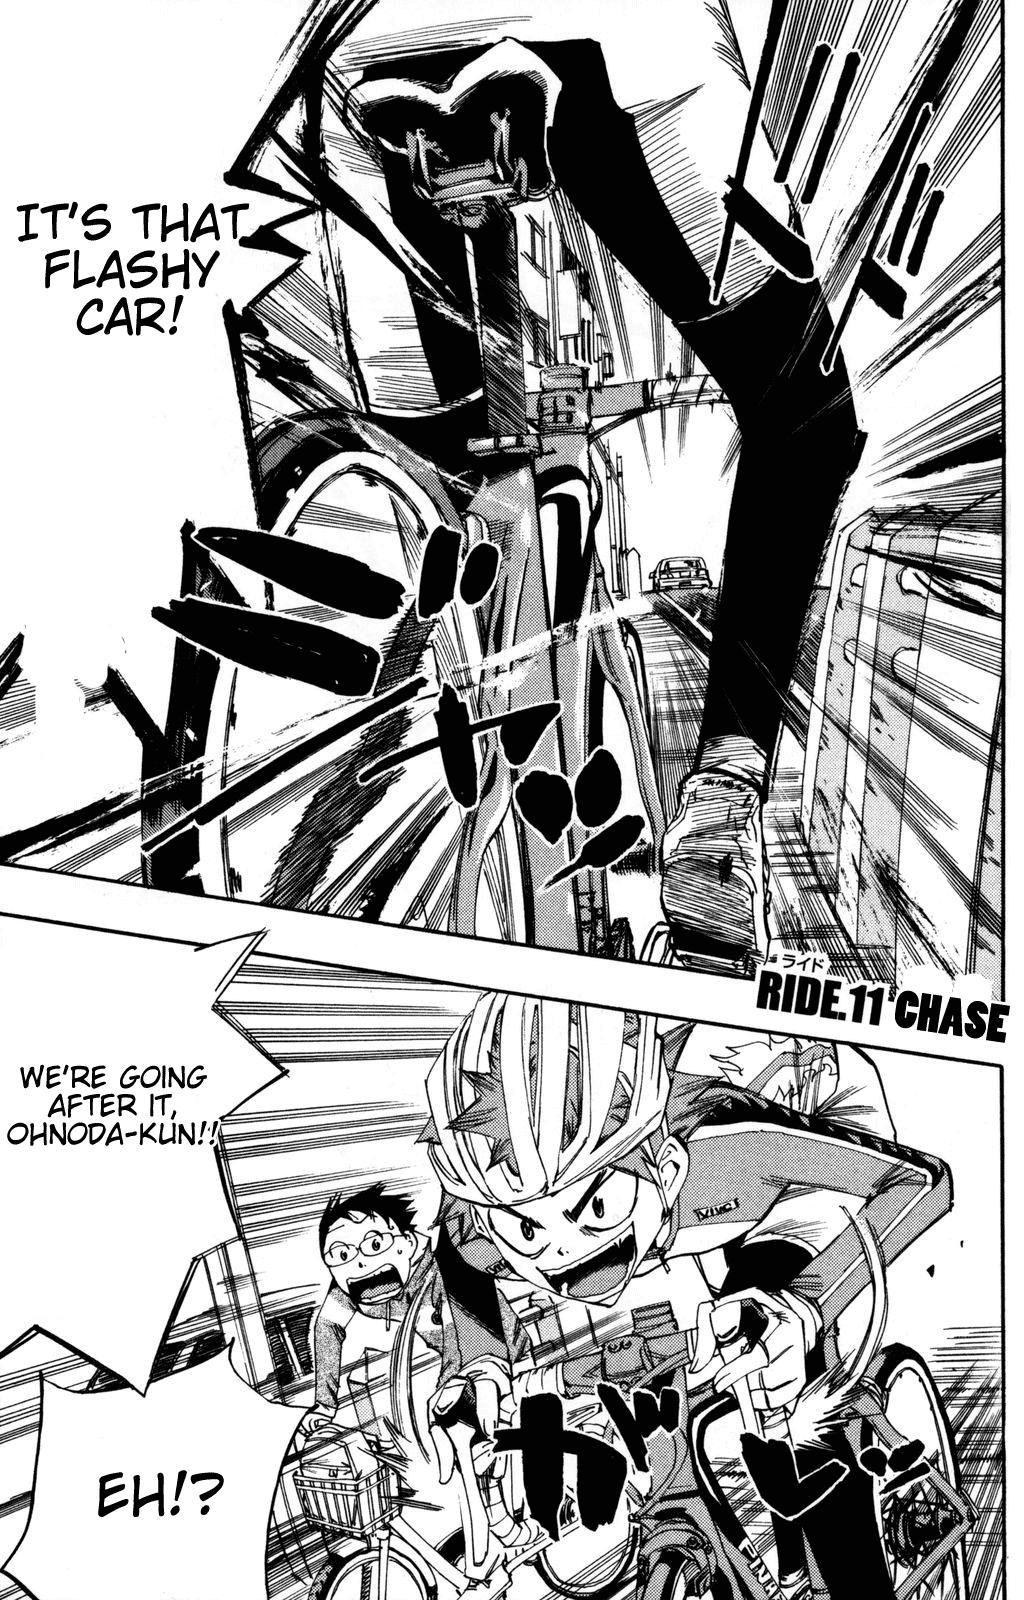 弱虫ペダル; 飆速宅男; Weak Pedals                           Vol.002 Ch.011: Chase Page 1